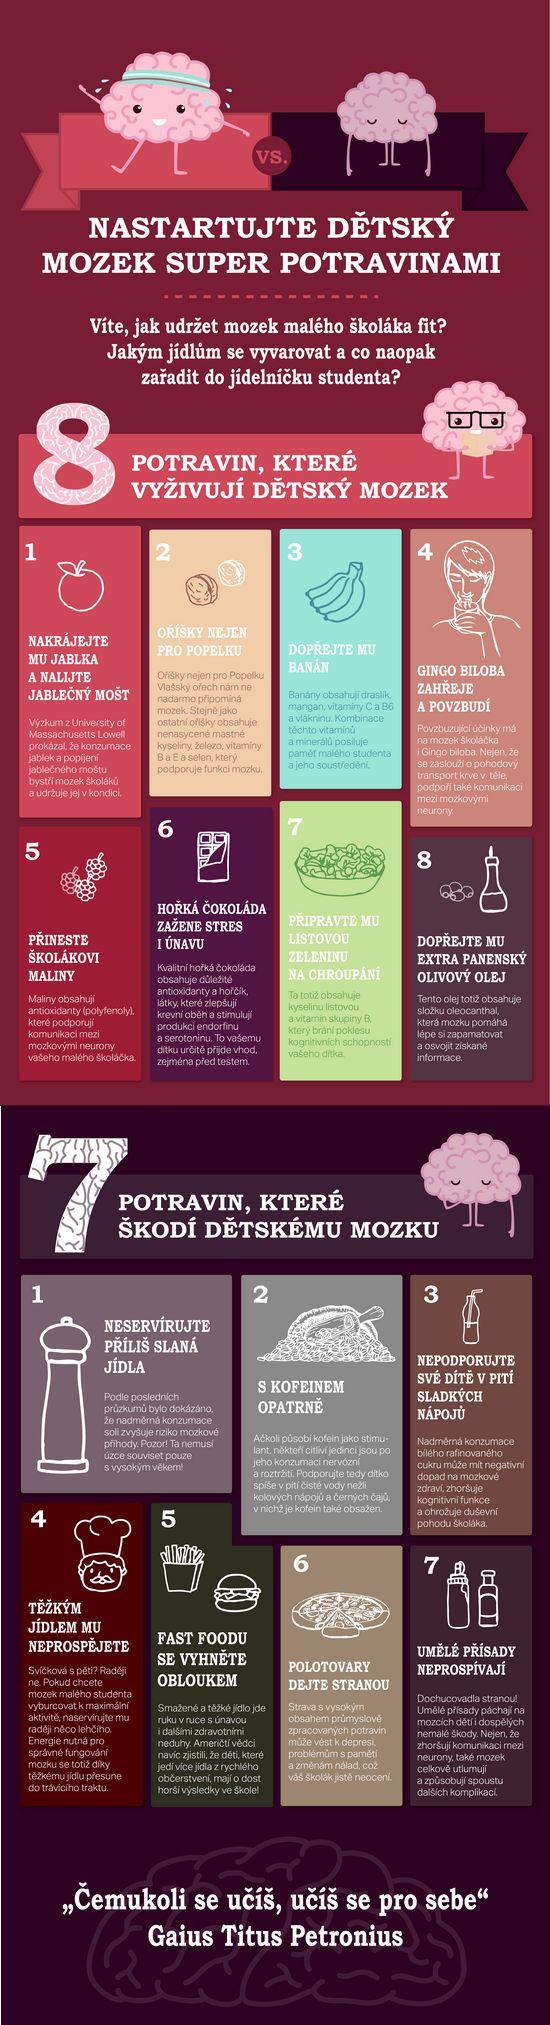 Víte, jakým potravinám škodíte dětského mozku a čím ho naopak nastartujete? Že ne? Mrkejte na naši infografiku!